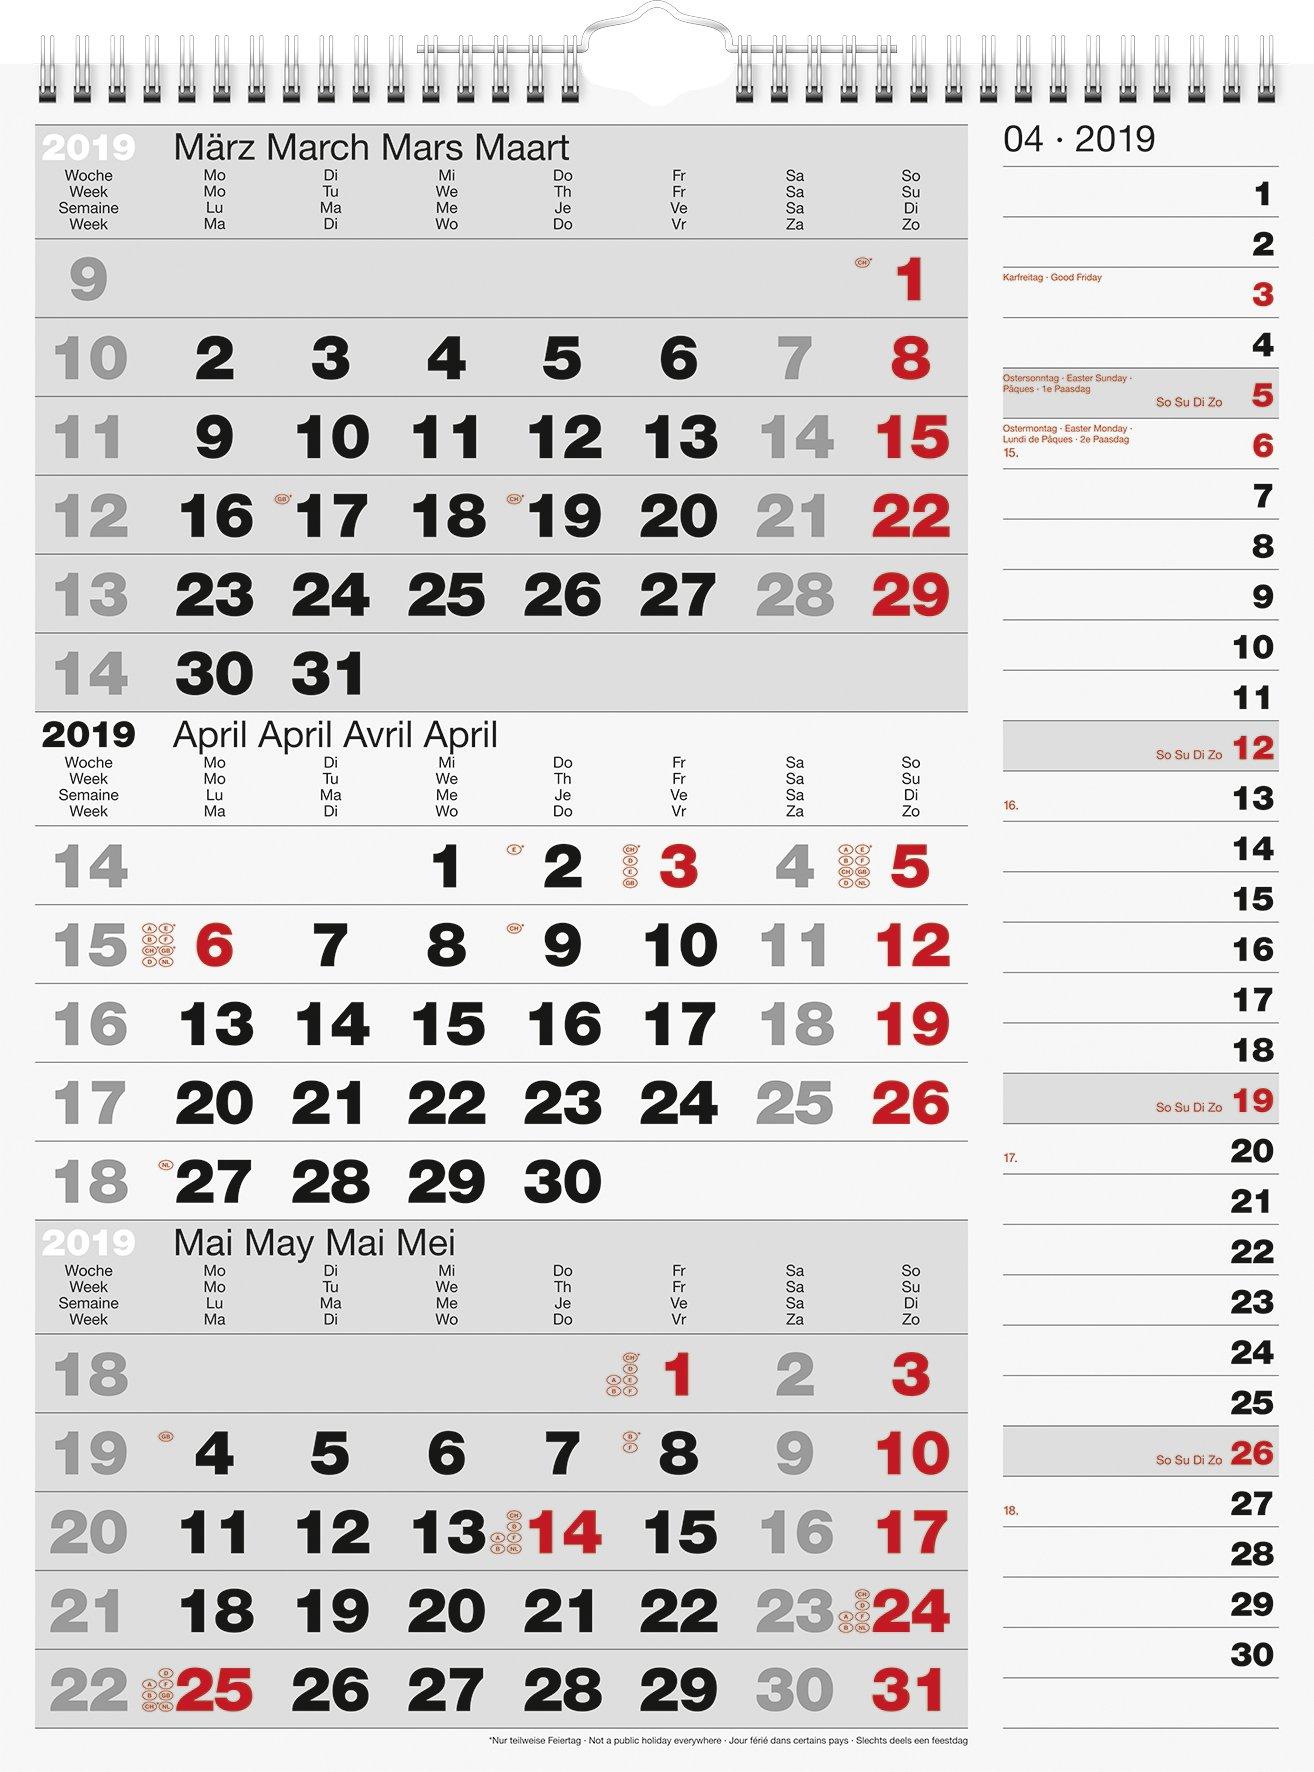 rido/idé 7033330 Wandkalender/Drei-Monats-Kalender Kombi-Planer 3, 1 Blatt = 3 Monate, 300 x 390 mm, Kalendarium  2019, Wire-O-Bindung mit Aufhänger mit rechtsbündigem Streifenkalender